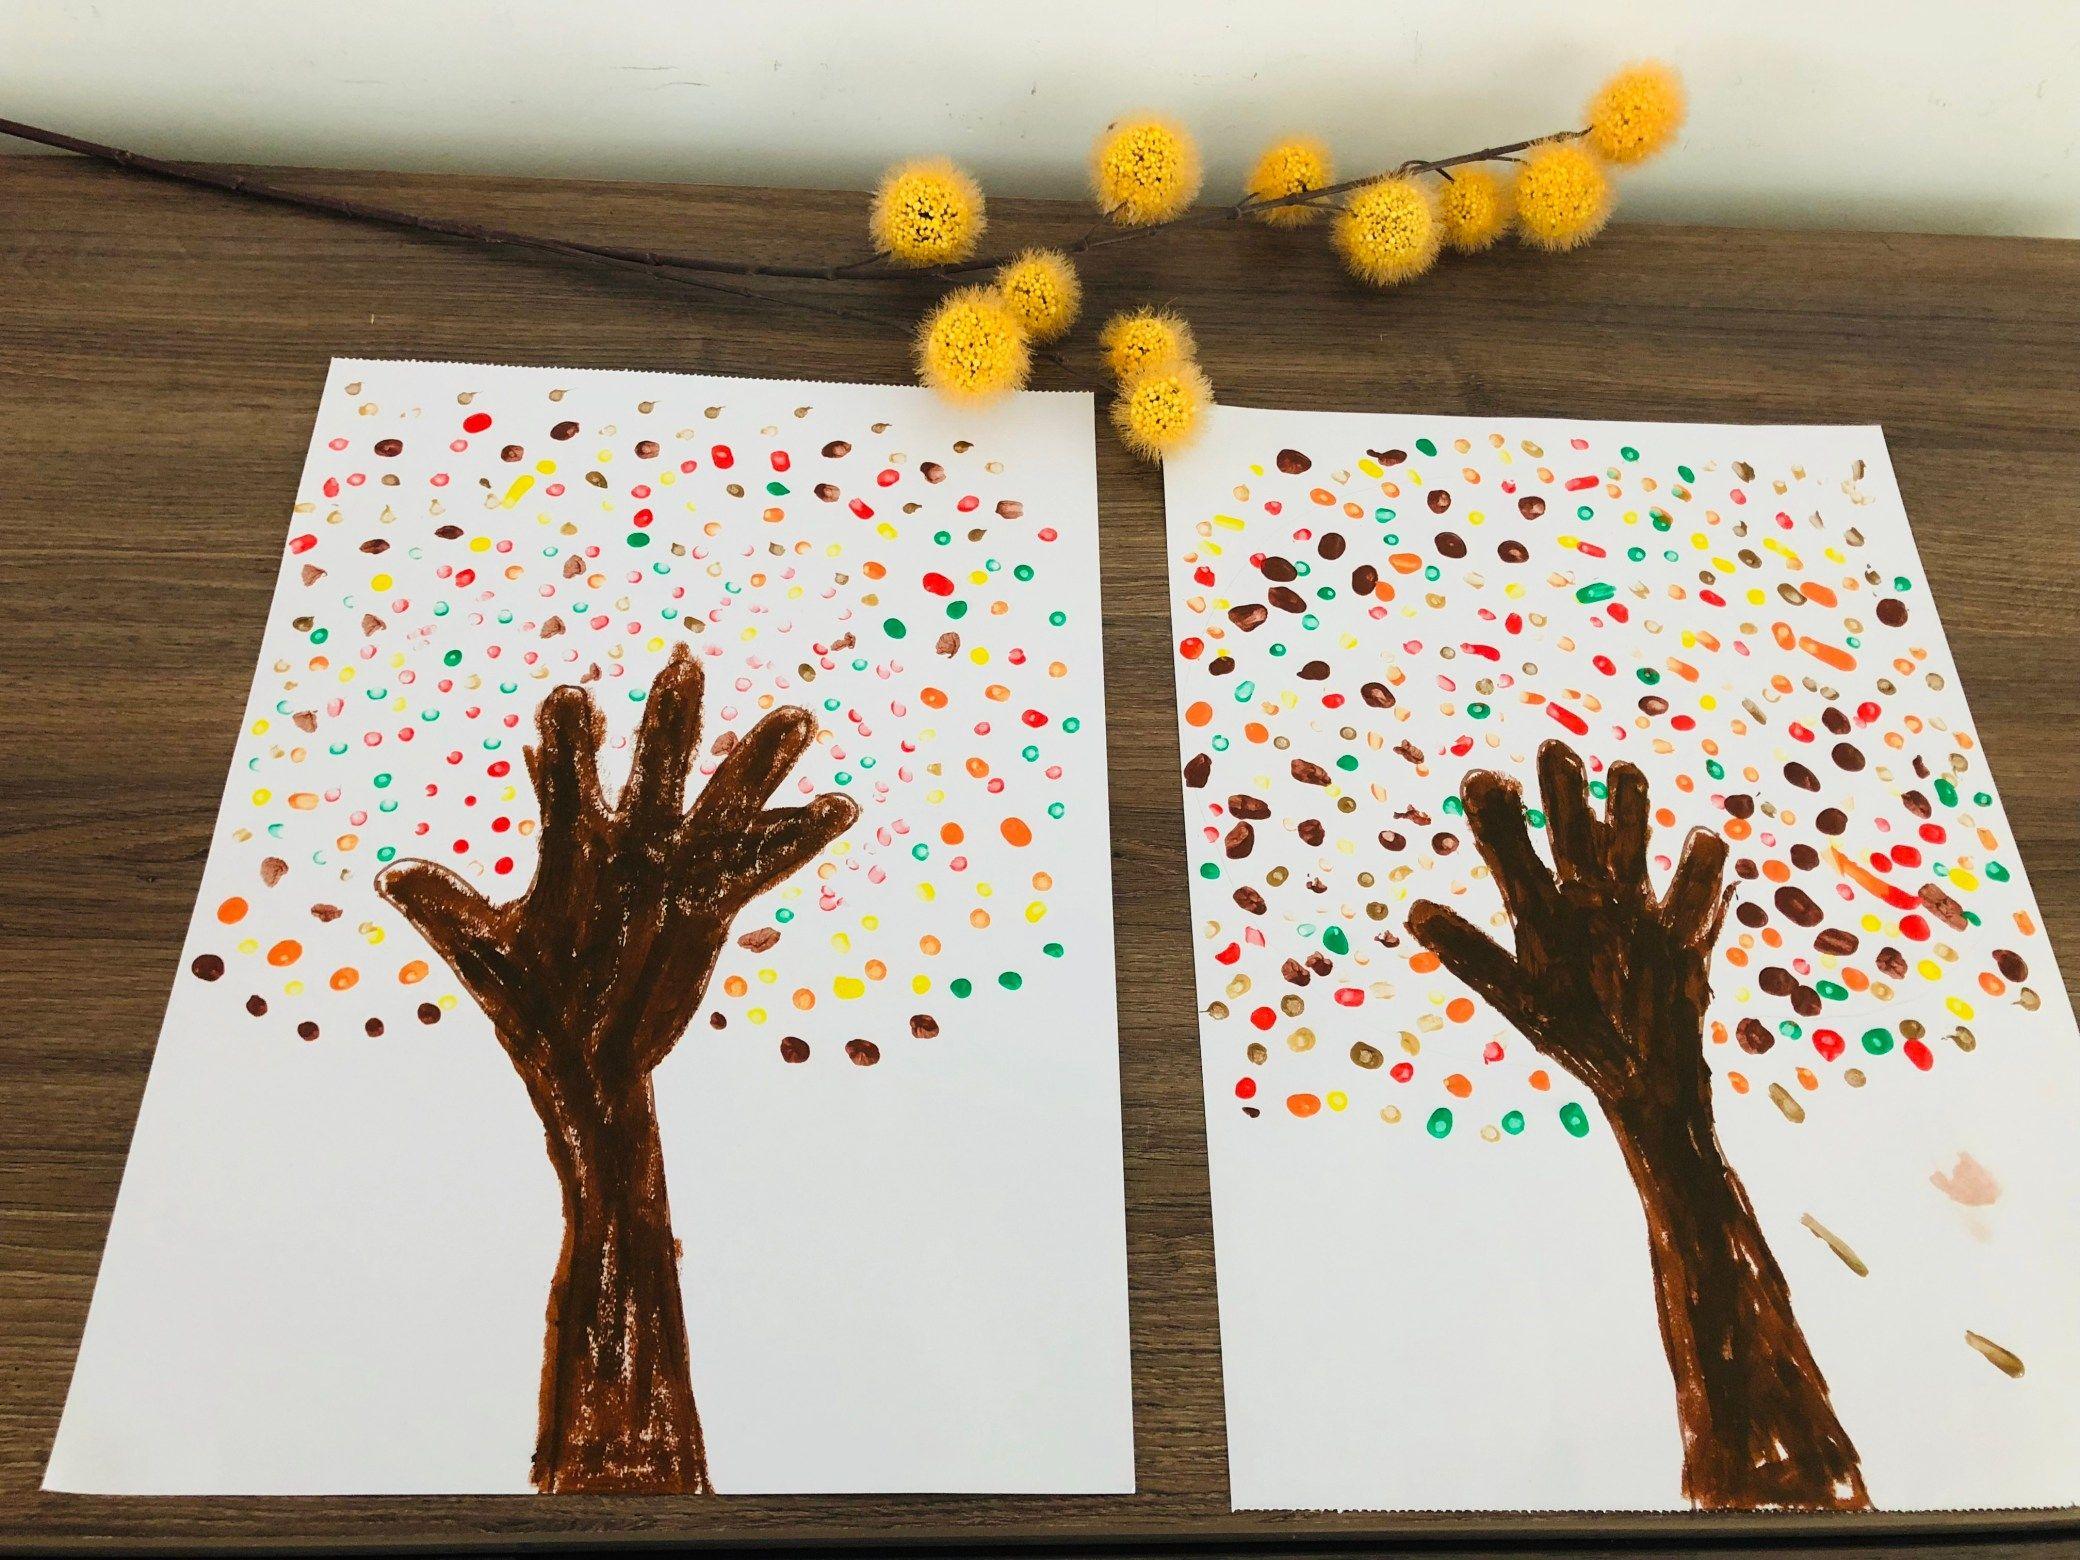 Quatang Gallery- Herfstboom Maken Thema Herfst Knutselen Pingetest Herfst Knutselen Herfst Bomen Herfst Knutselen Kinderen